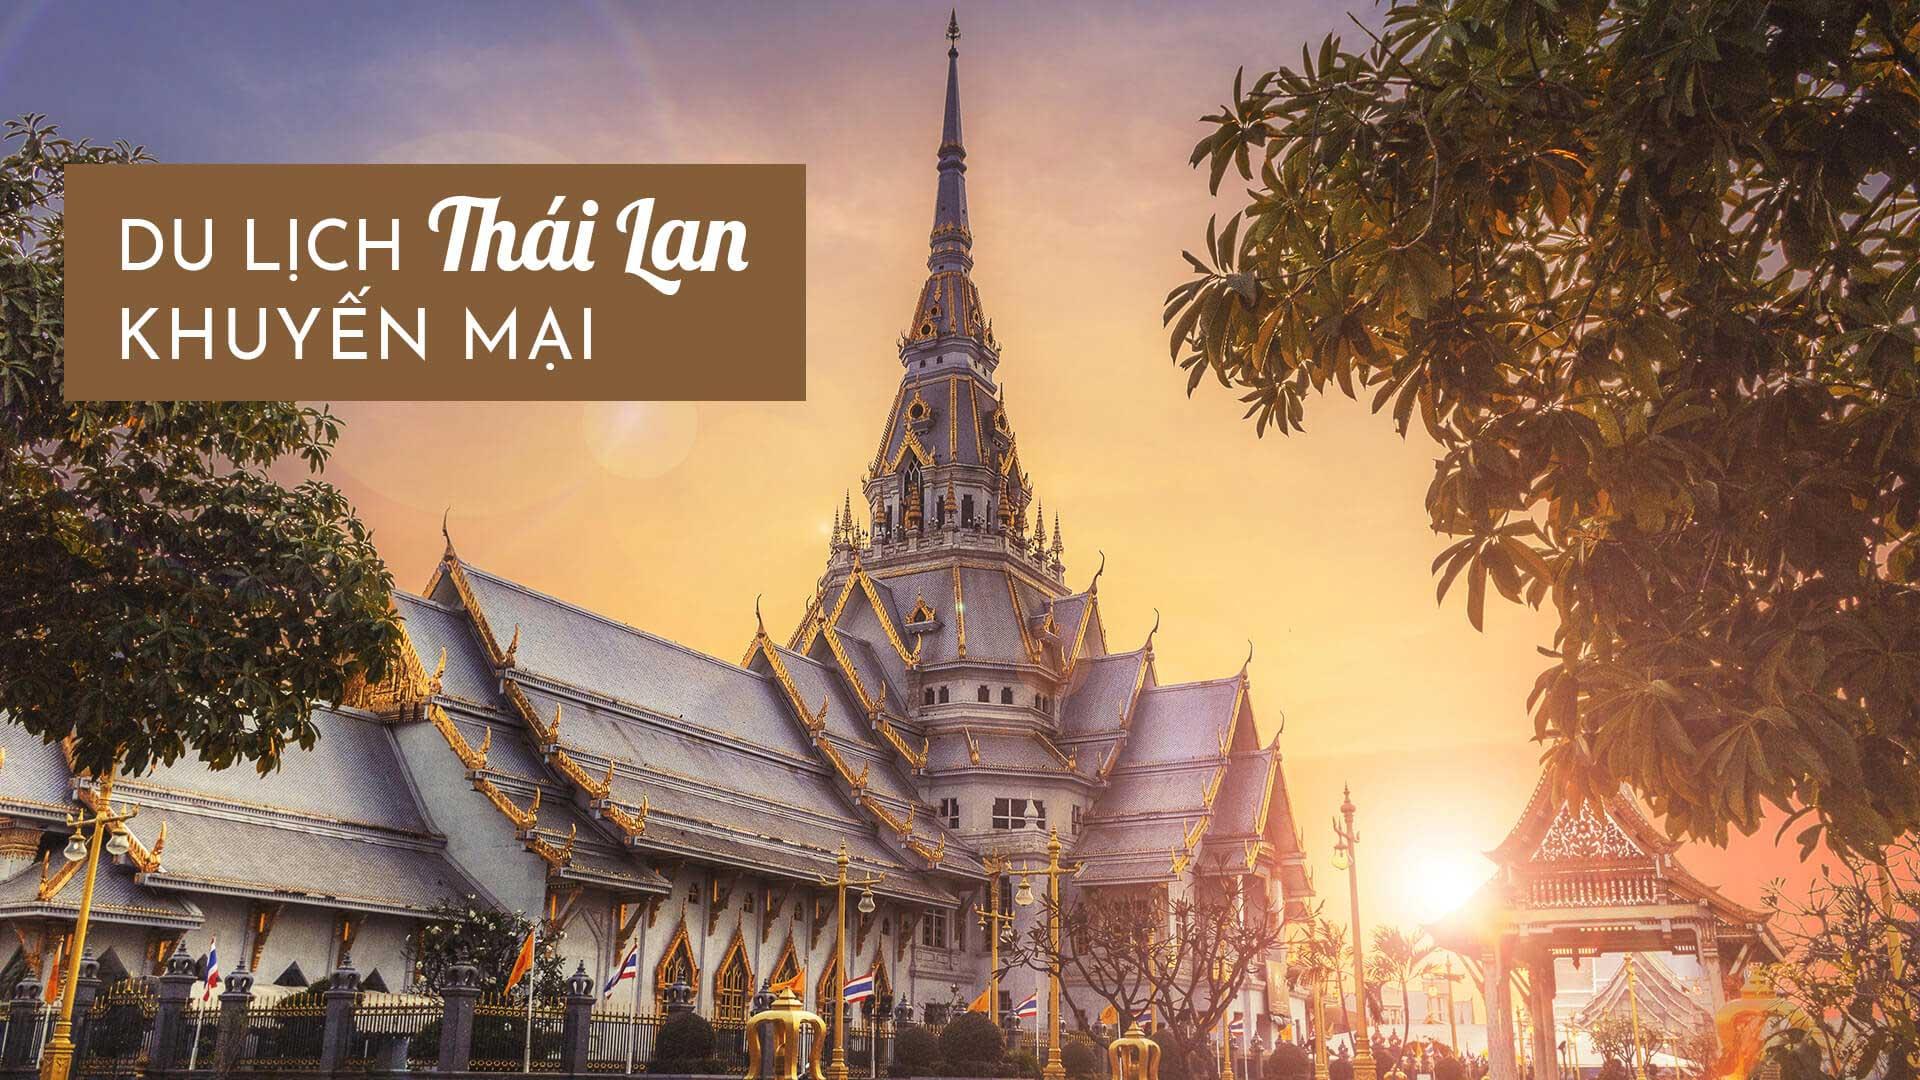 Top 3 tour du lịch Thái Lan khuyến mãi, giá rẻ nhất